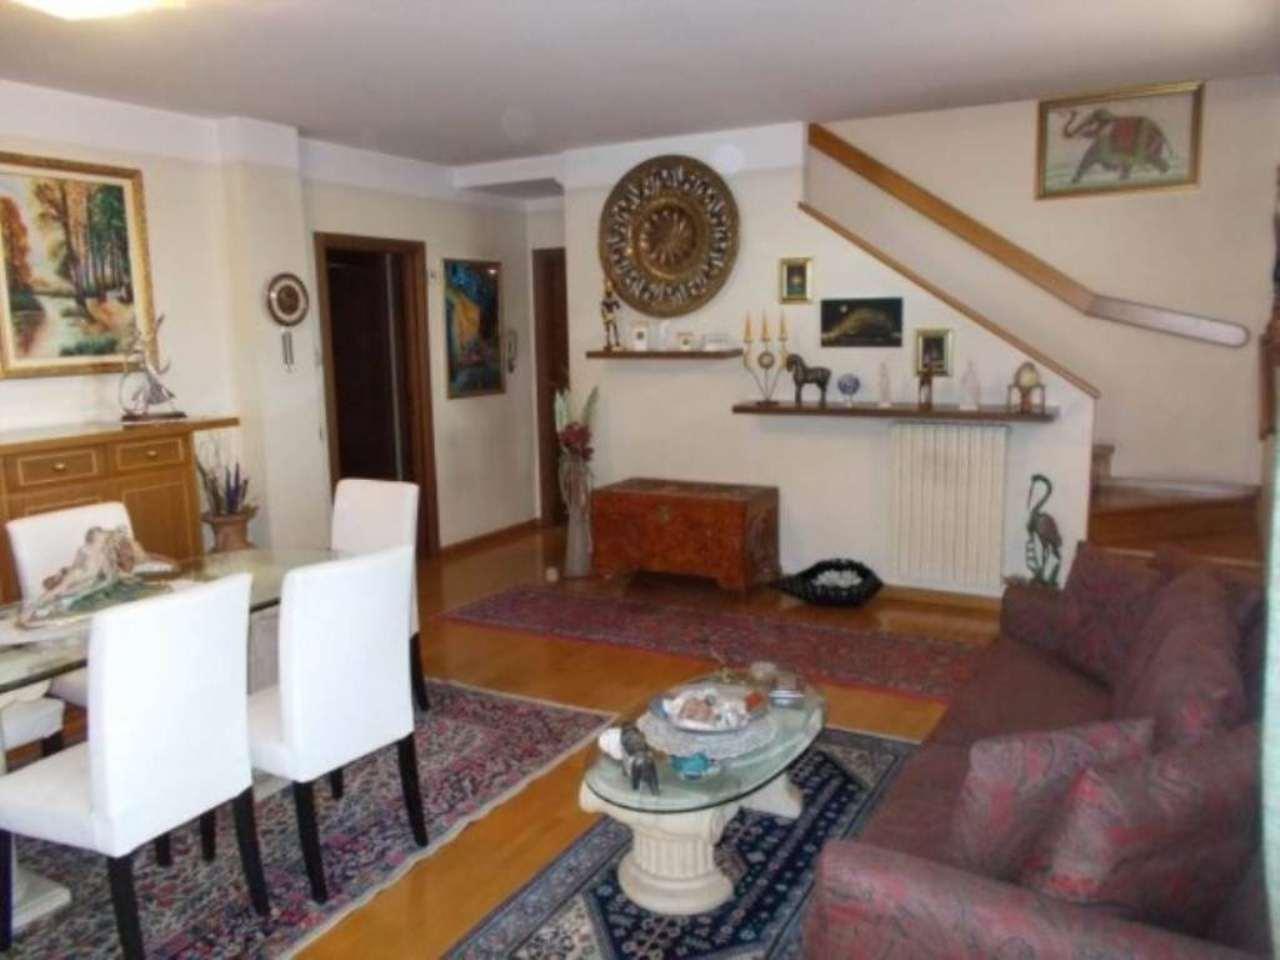 Villa in vendita a Usmate Velate, 3 locali, prezzo € 290.000 | Cambio Casa.it